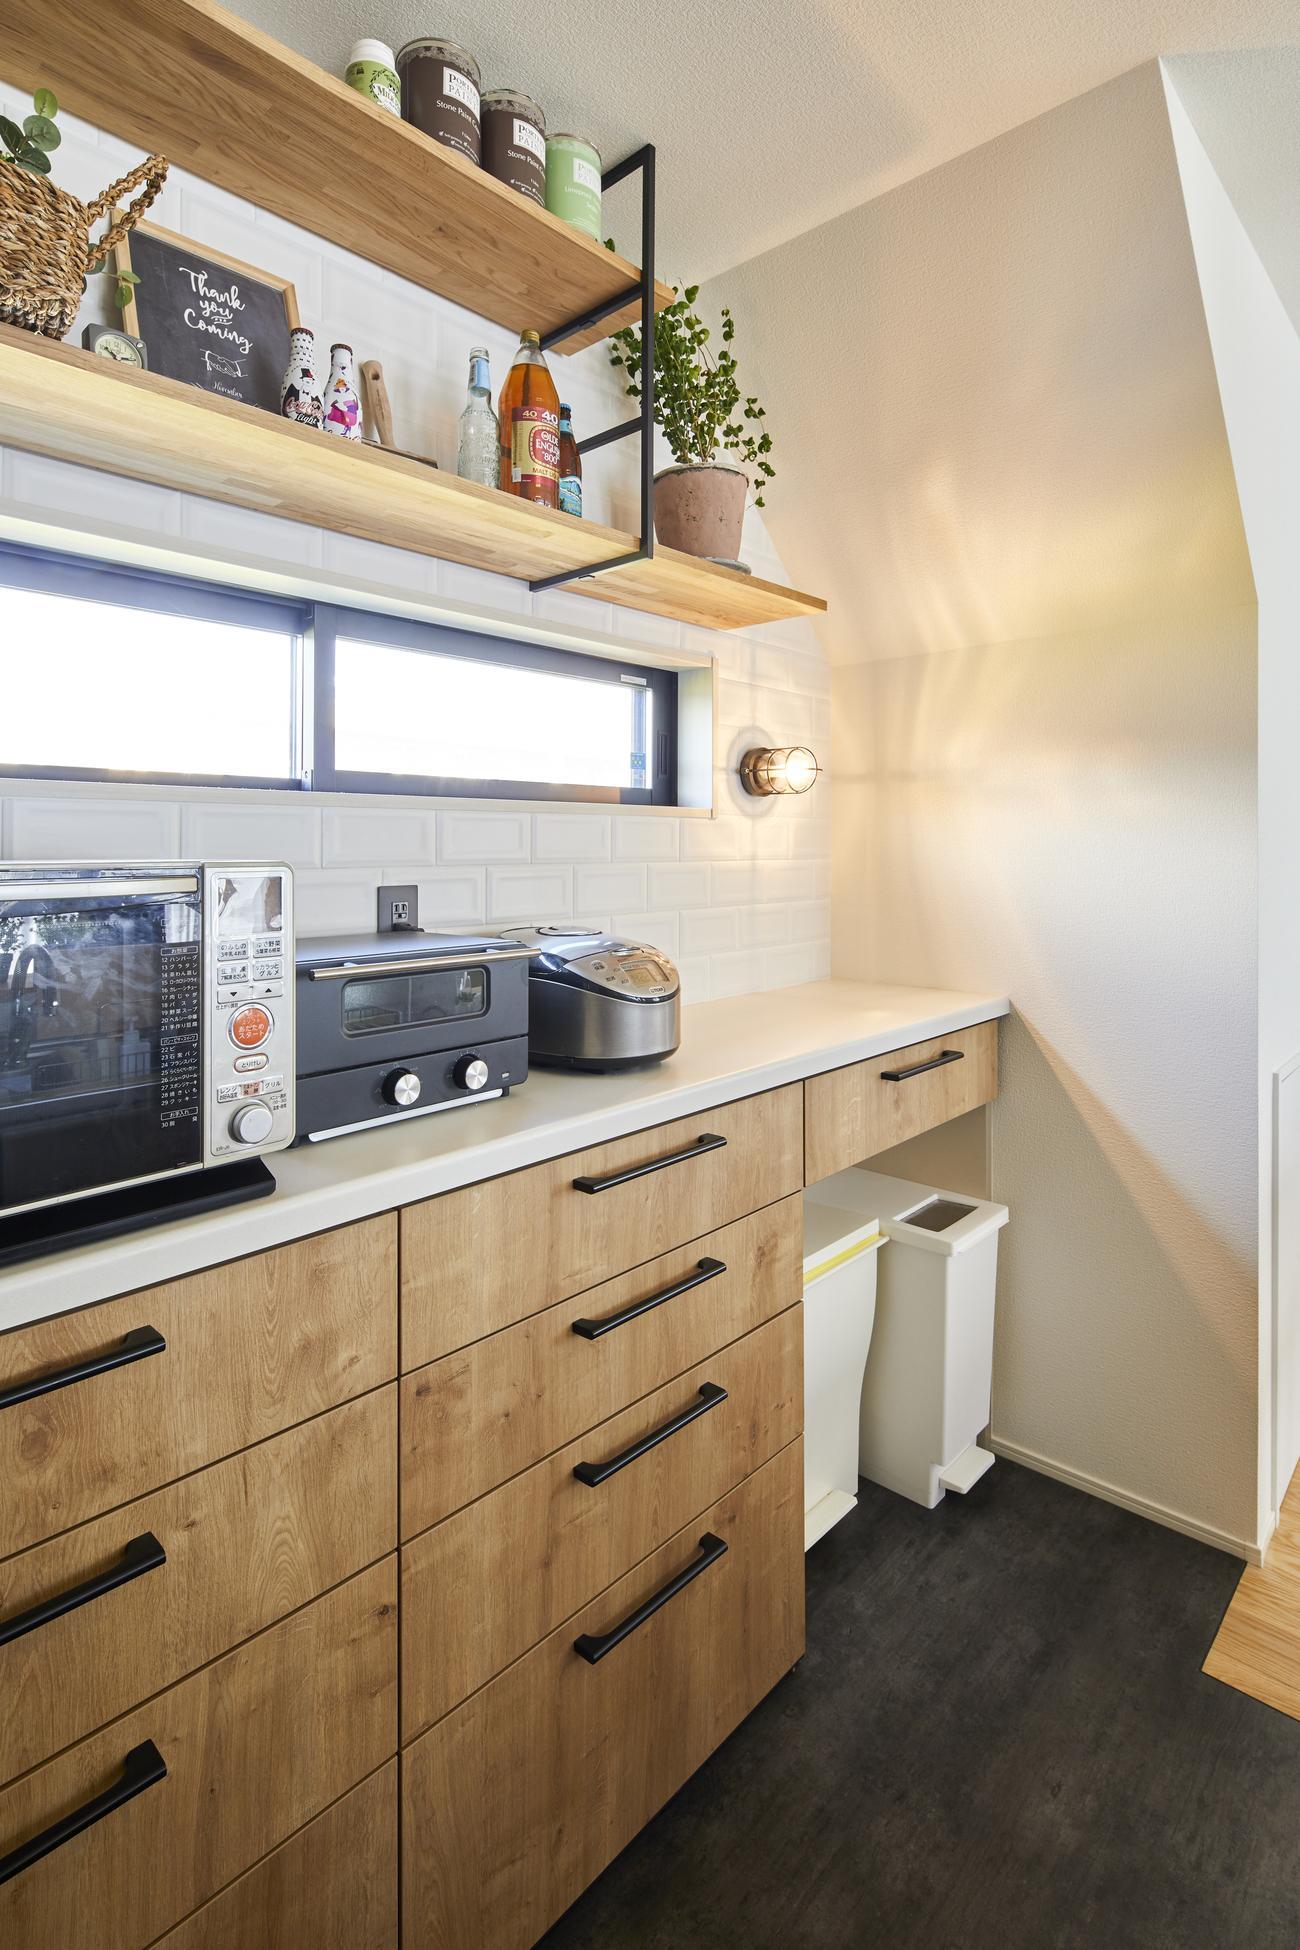 LDKの家具と色味を合わせたキッチン背面収納。上部造作棚にはお気に入りの小物を飾り付けることもできる